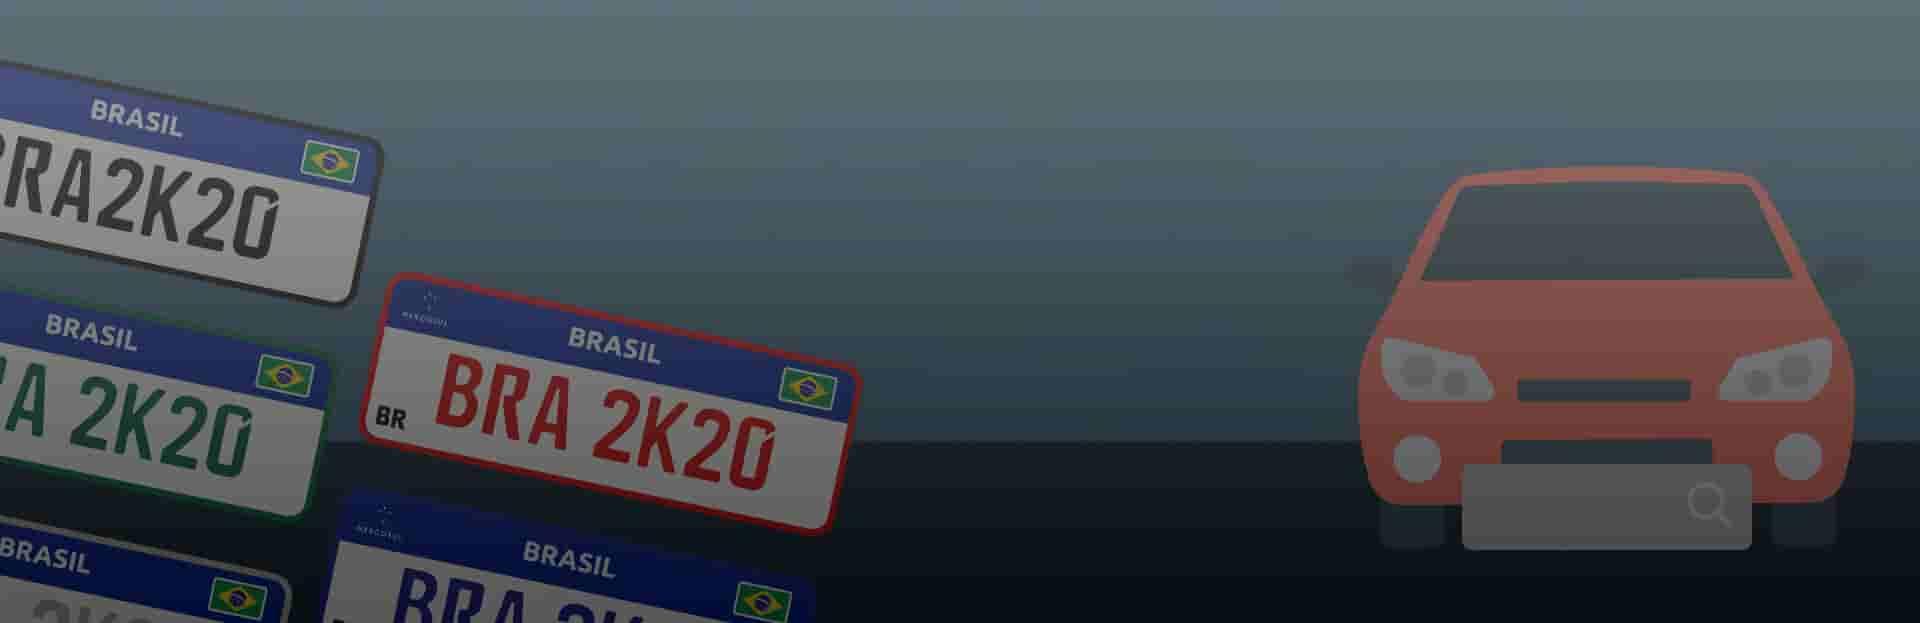 Banner: placa de carro dok despachante